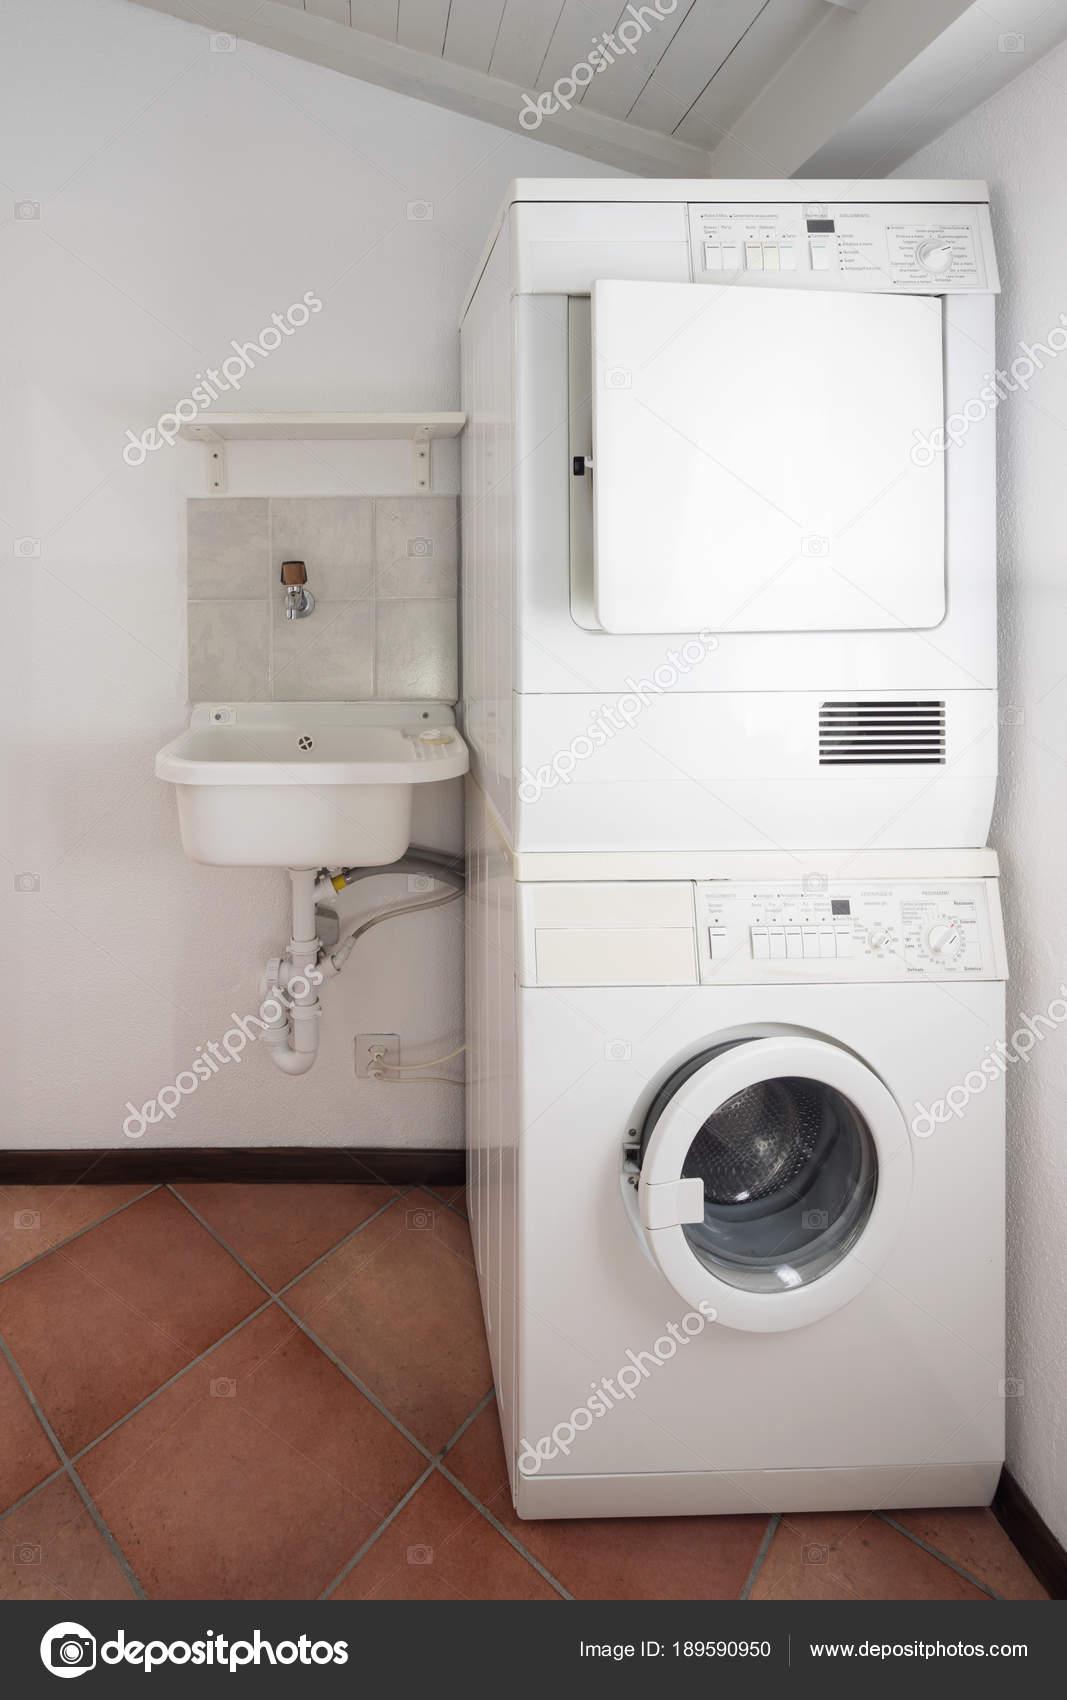 Waschküche mit Waschmaschine und Trockner — Stockfoto © Zveiger ...